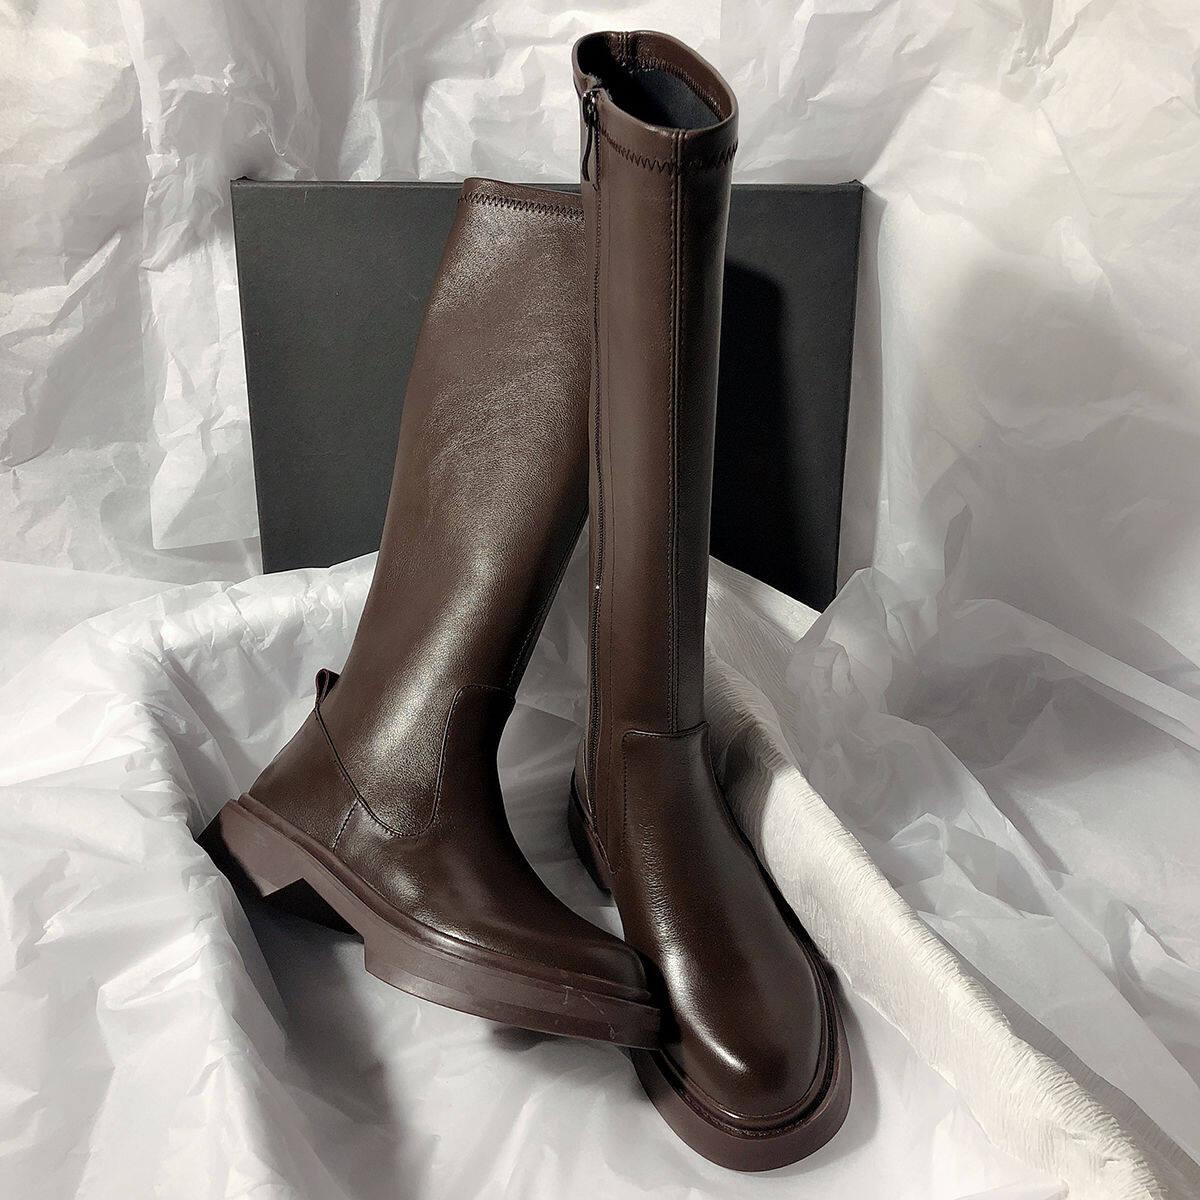 2020秋冬新款弹力厚底不过膝长靴真皮瘦瘦靴骑士高筒靴超显瘦女靴